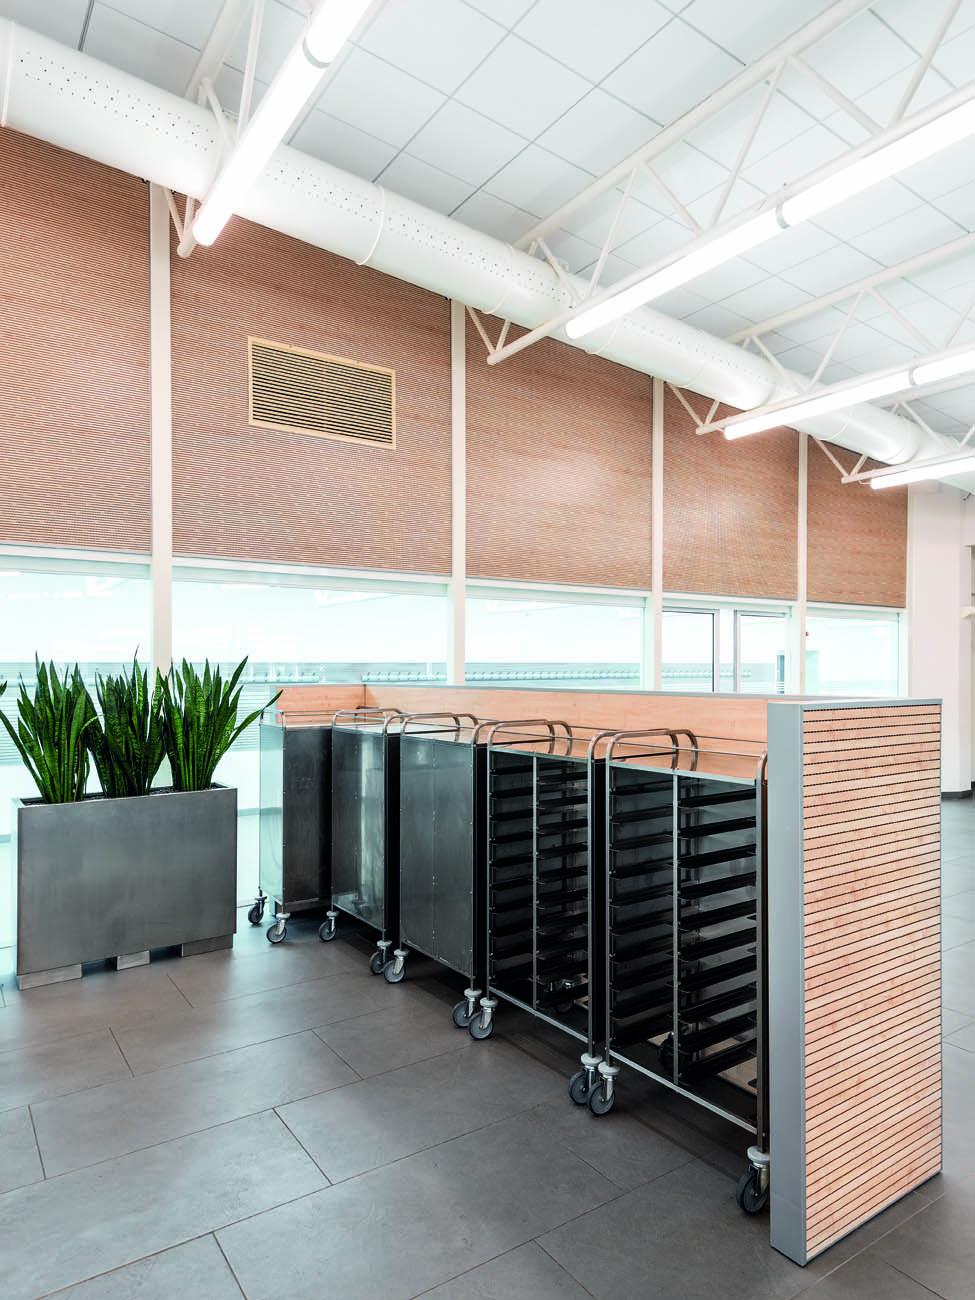 mensa cefla imola_studio tb progettazione architettonica (9)